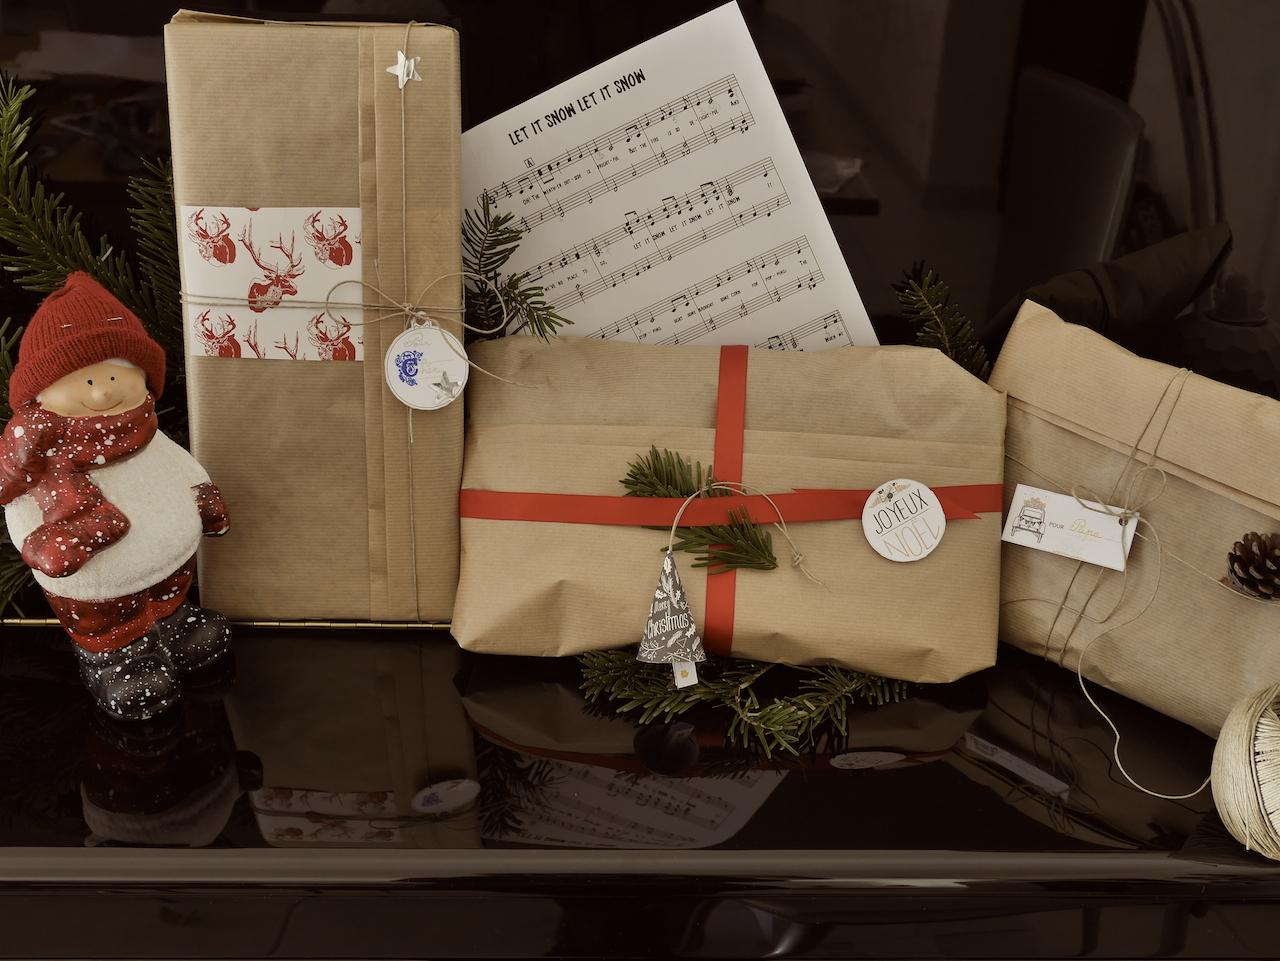 Paquets cadeaux ensemble rose philange - Paquets cadeaux noel ...